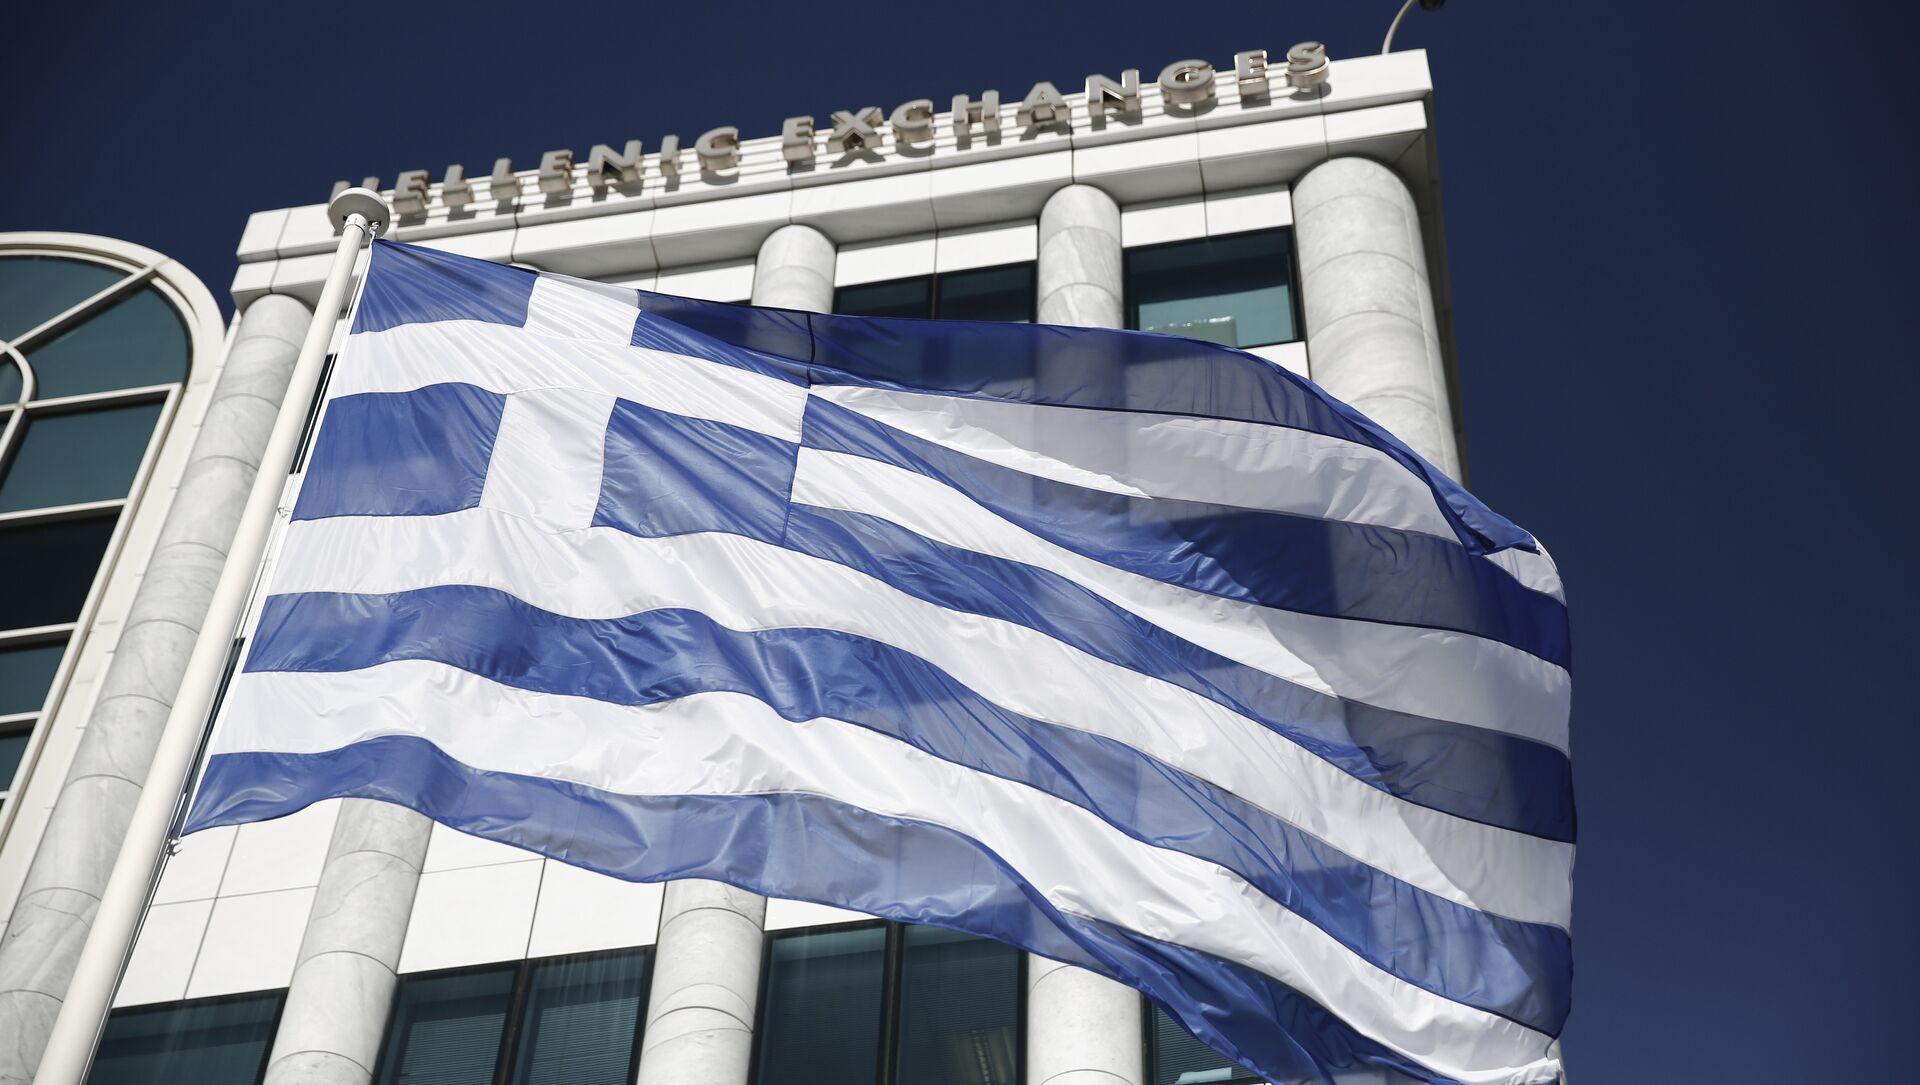 La bandiera greca davanti alla borsa di Atene - Sputnik Italia, 1920, 10.04.2021